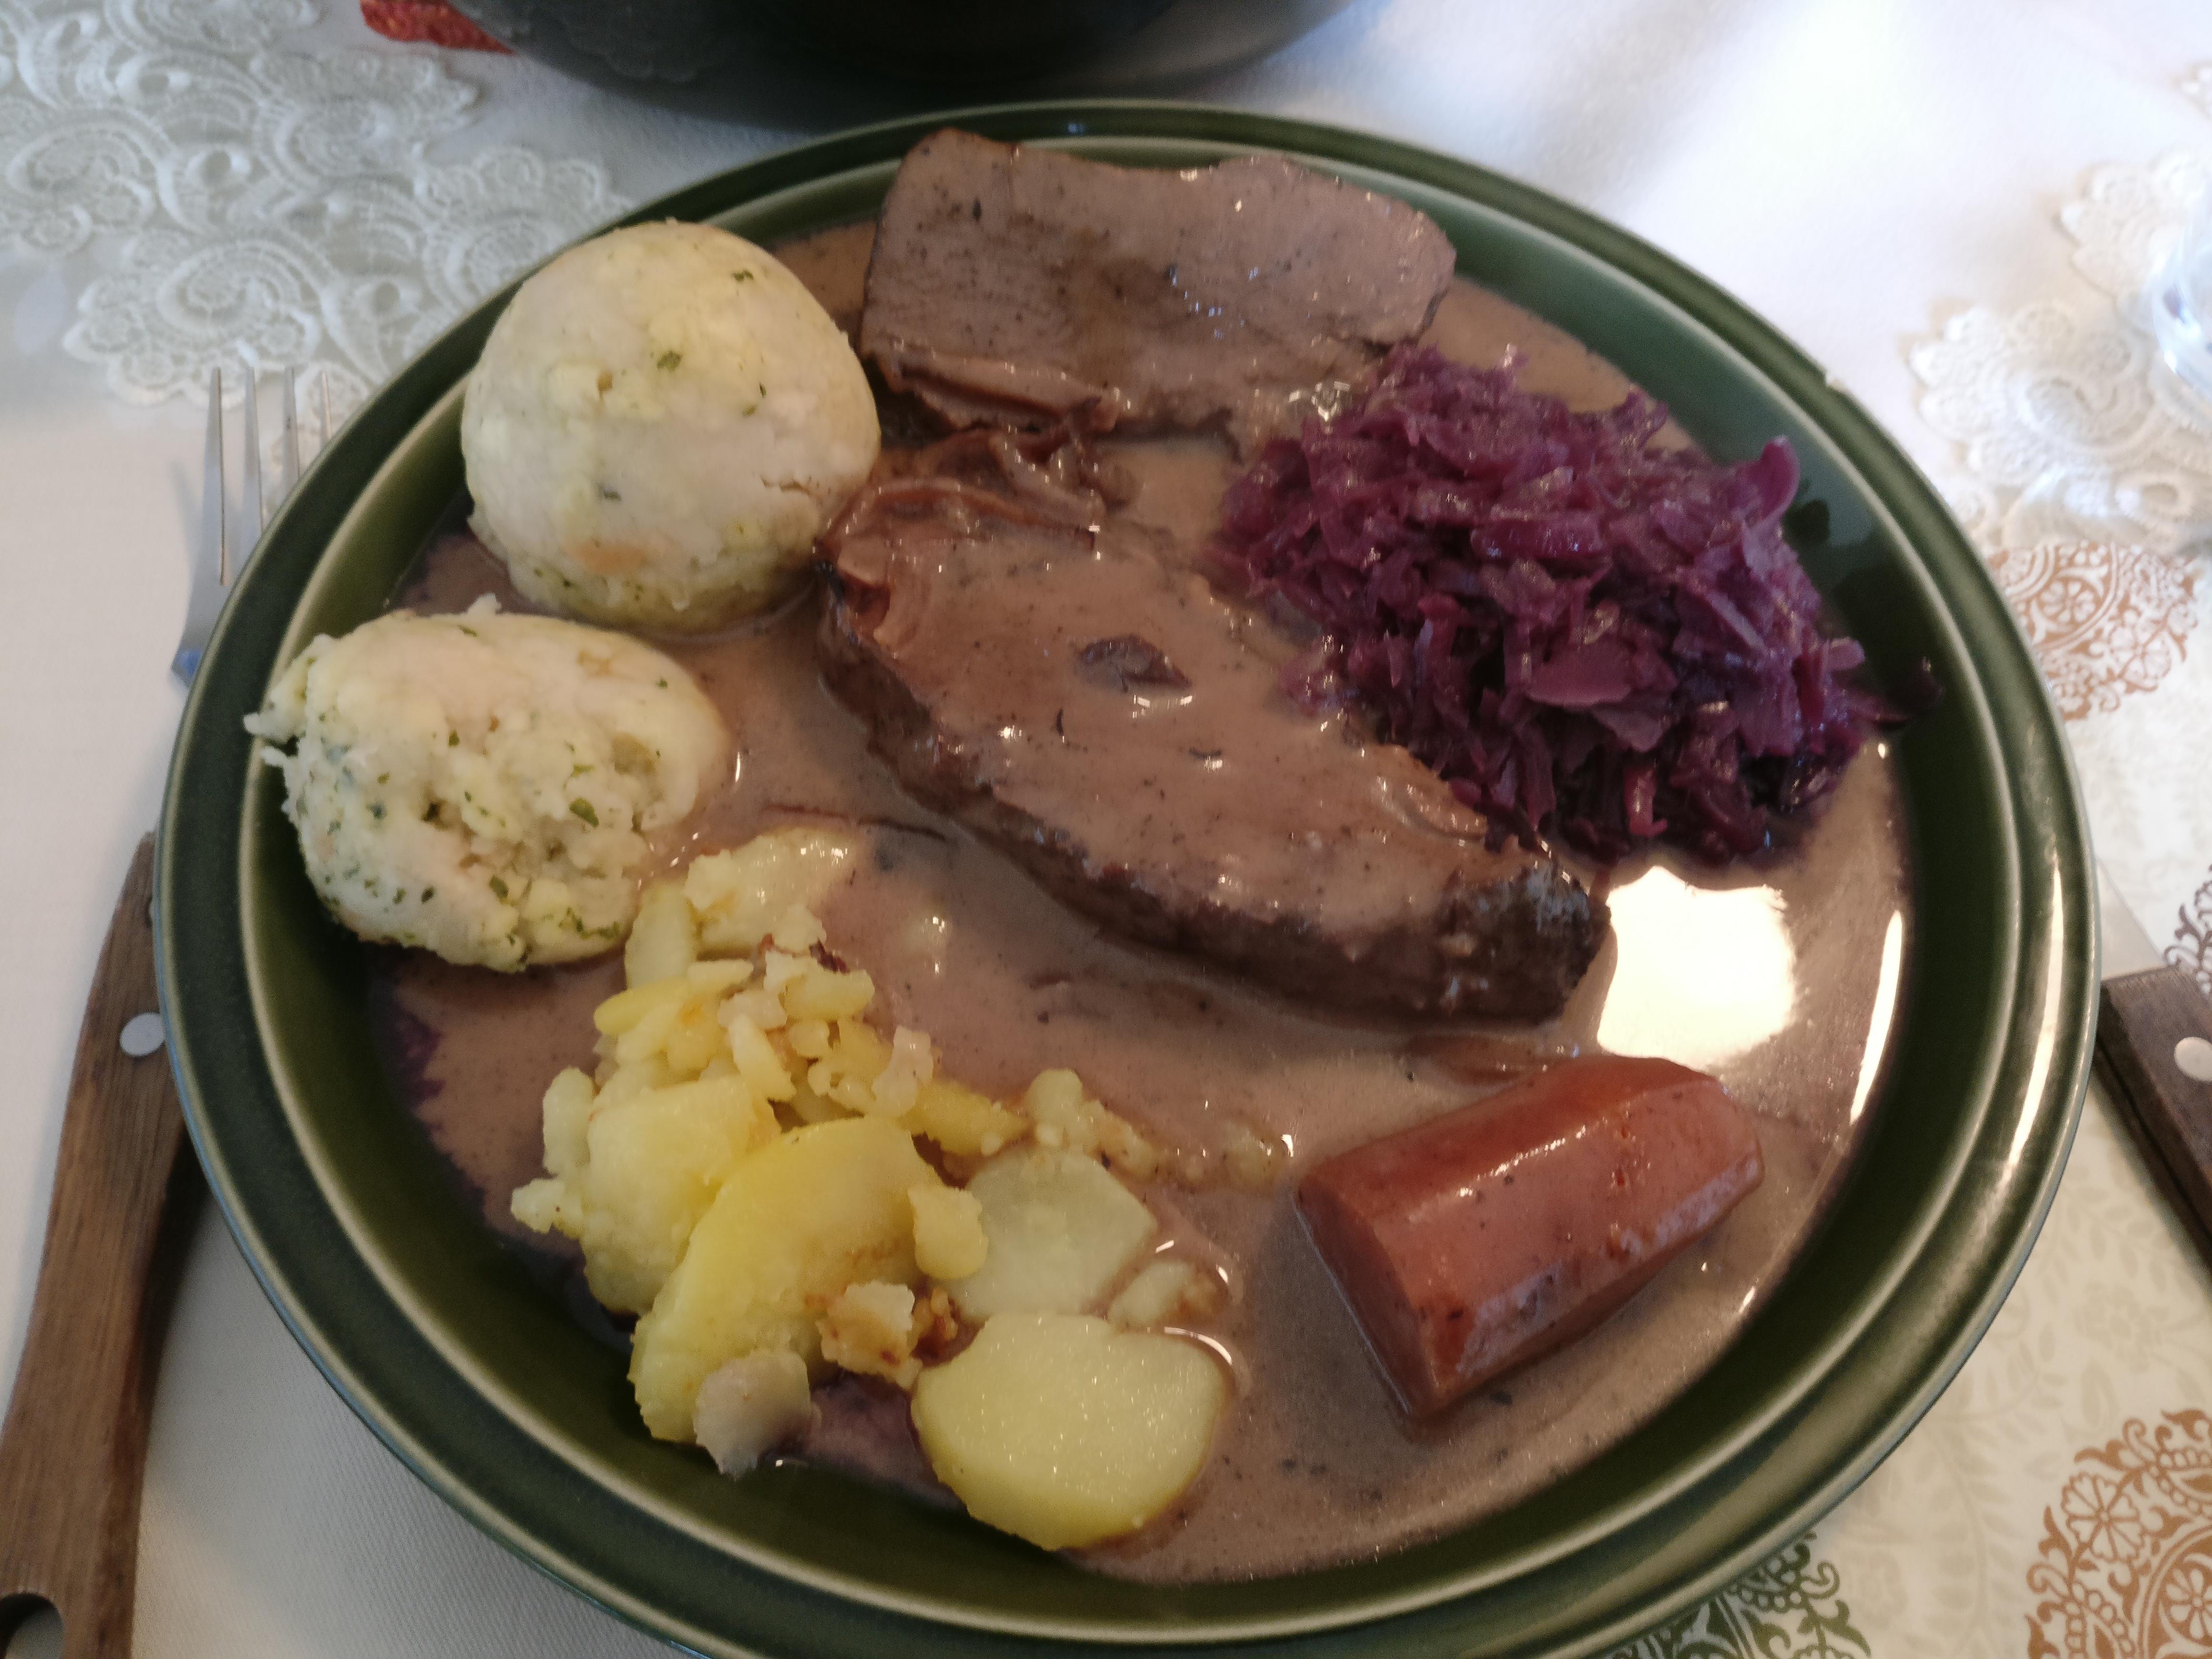 http://foodloader.net/nico_2017-04-16_wildschwein-kartoffeln-knoedel-rotkraut.jpg